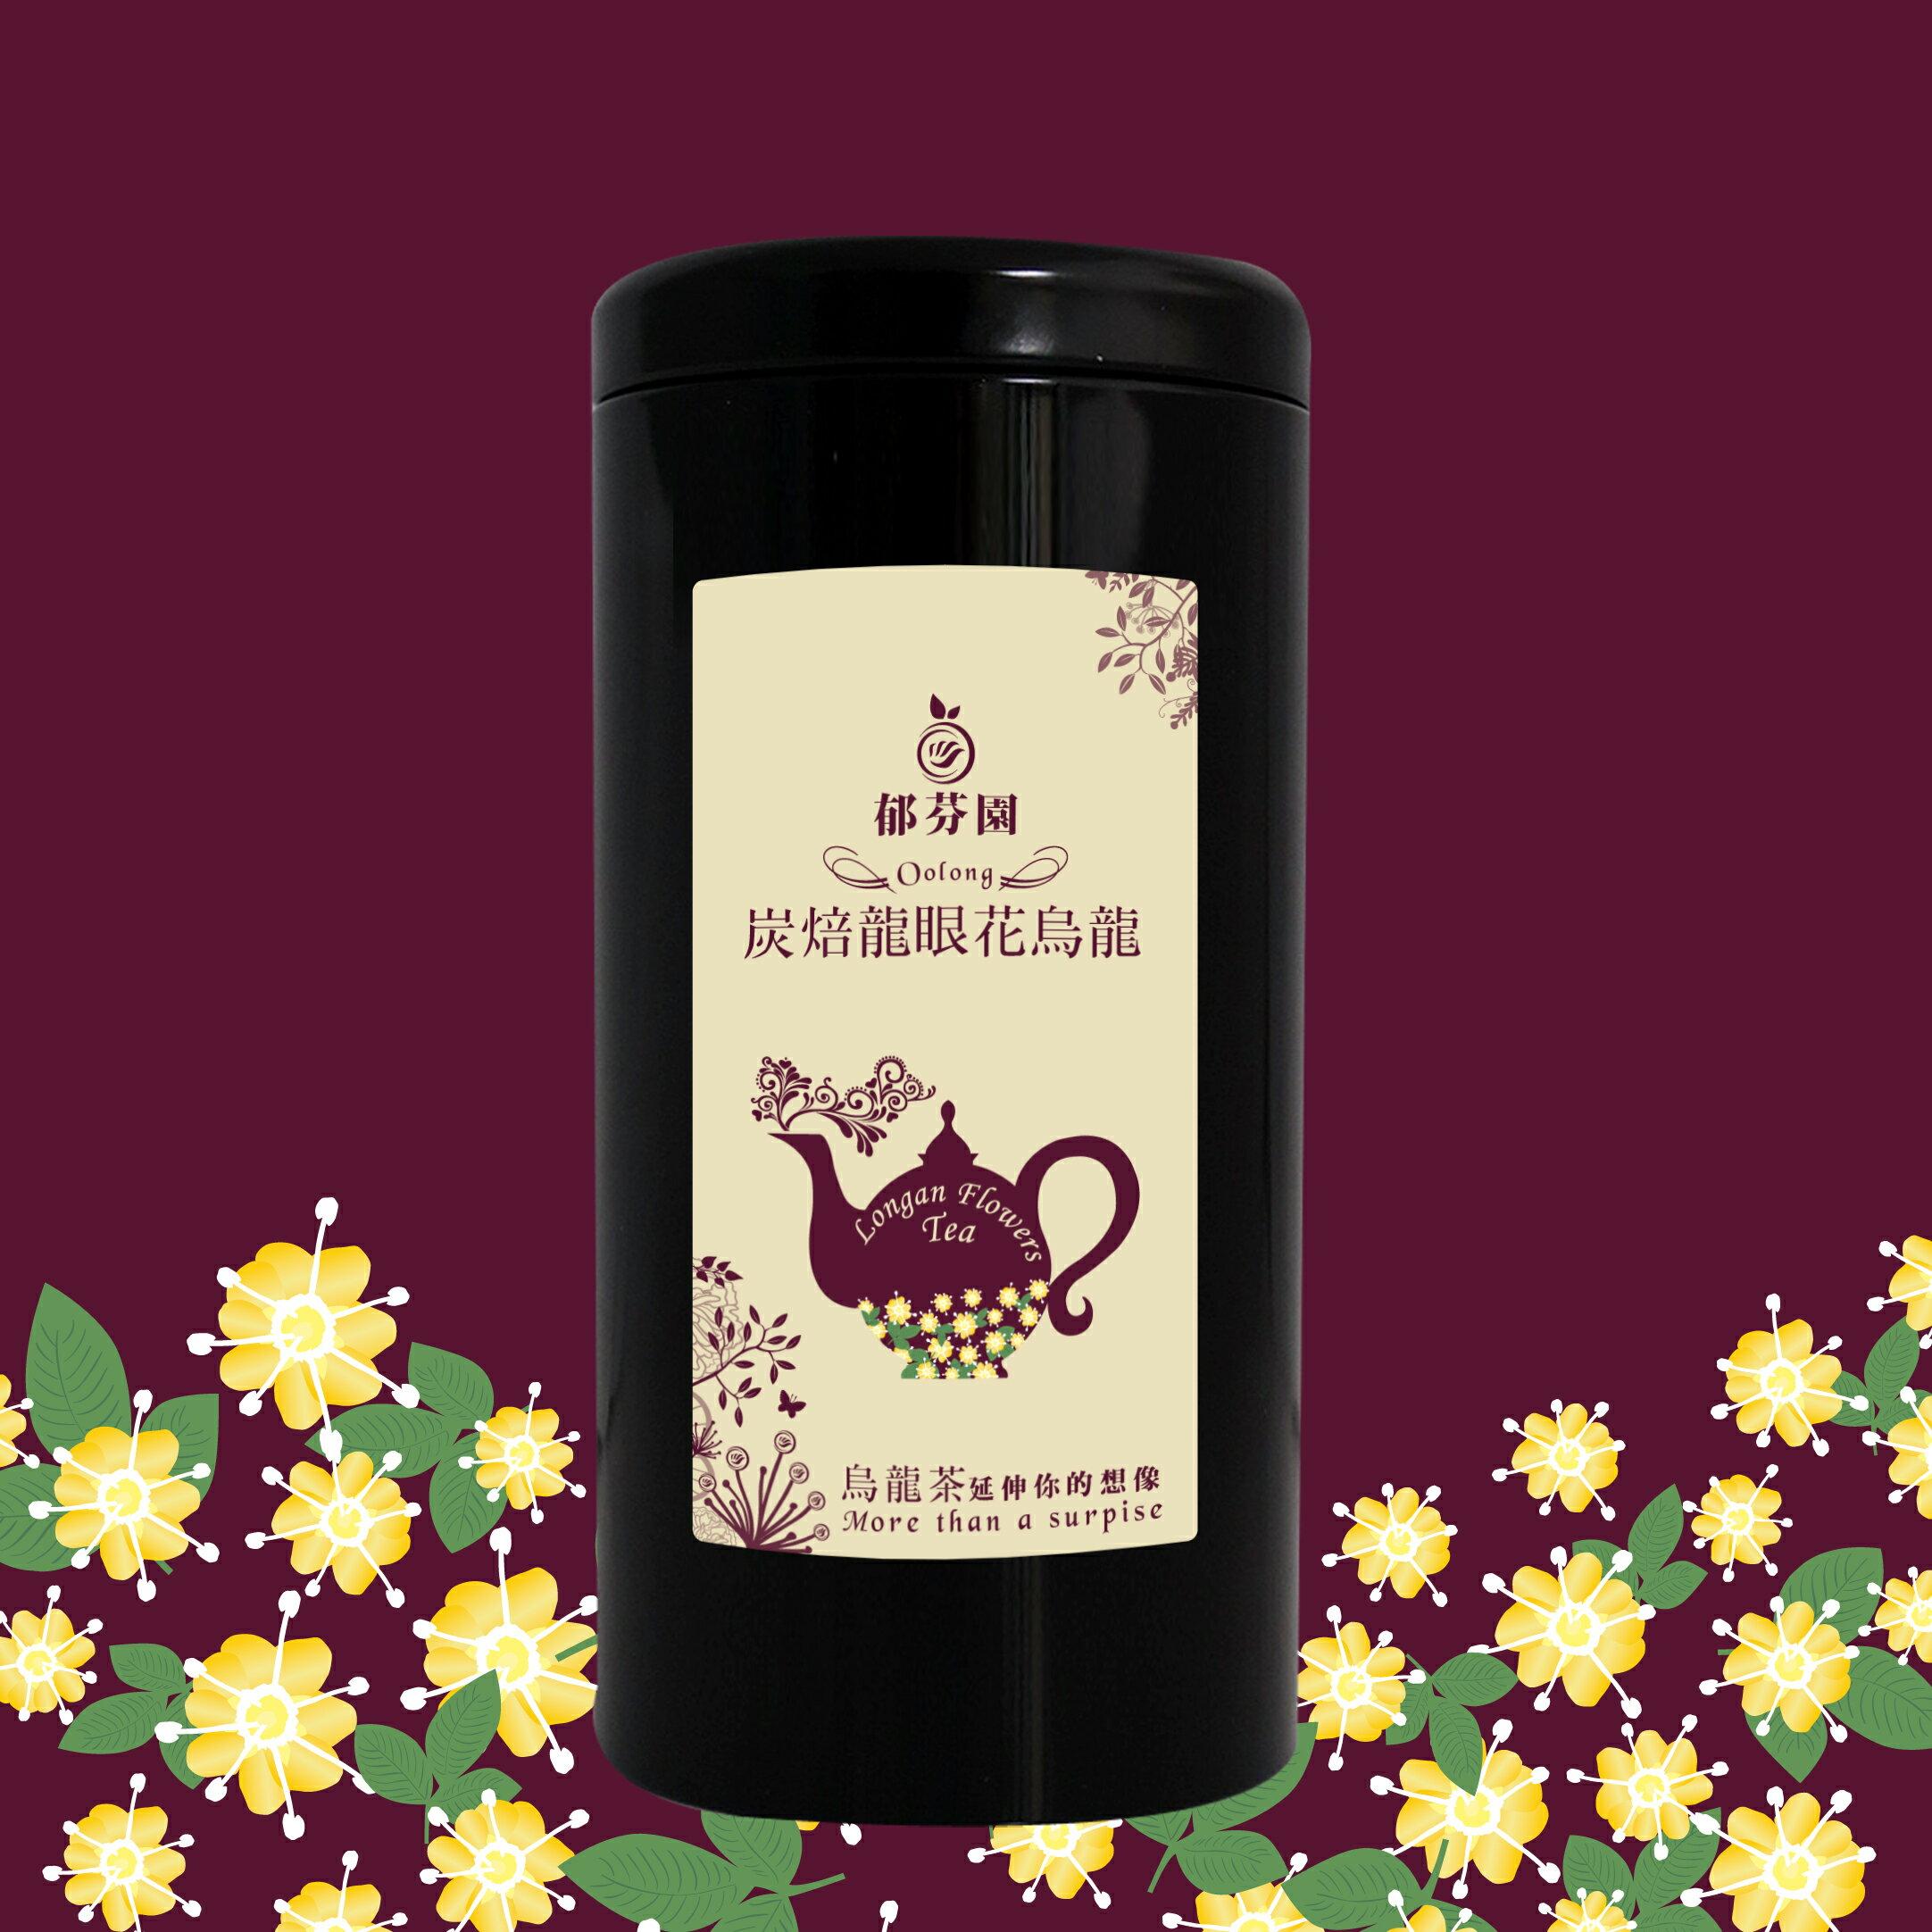 炭焙龍眼花烏龍 100g/罐 Longan Flower Oolong Tea ----- ★歐式烏龍茶/英式烏龍茶/歐式下午茶/英式下午茶/龍眼花茶